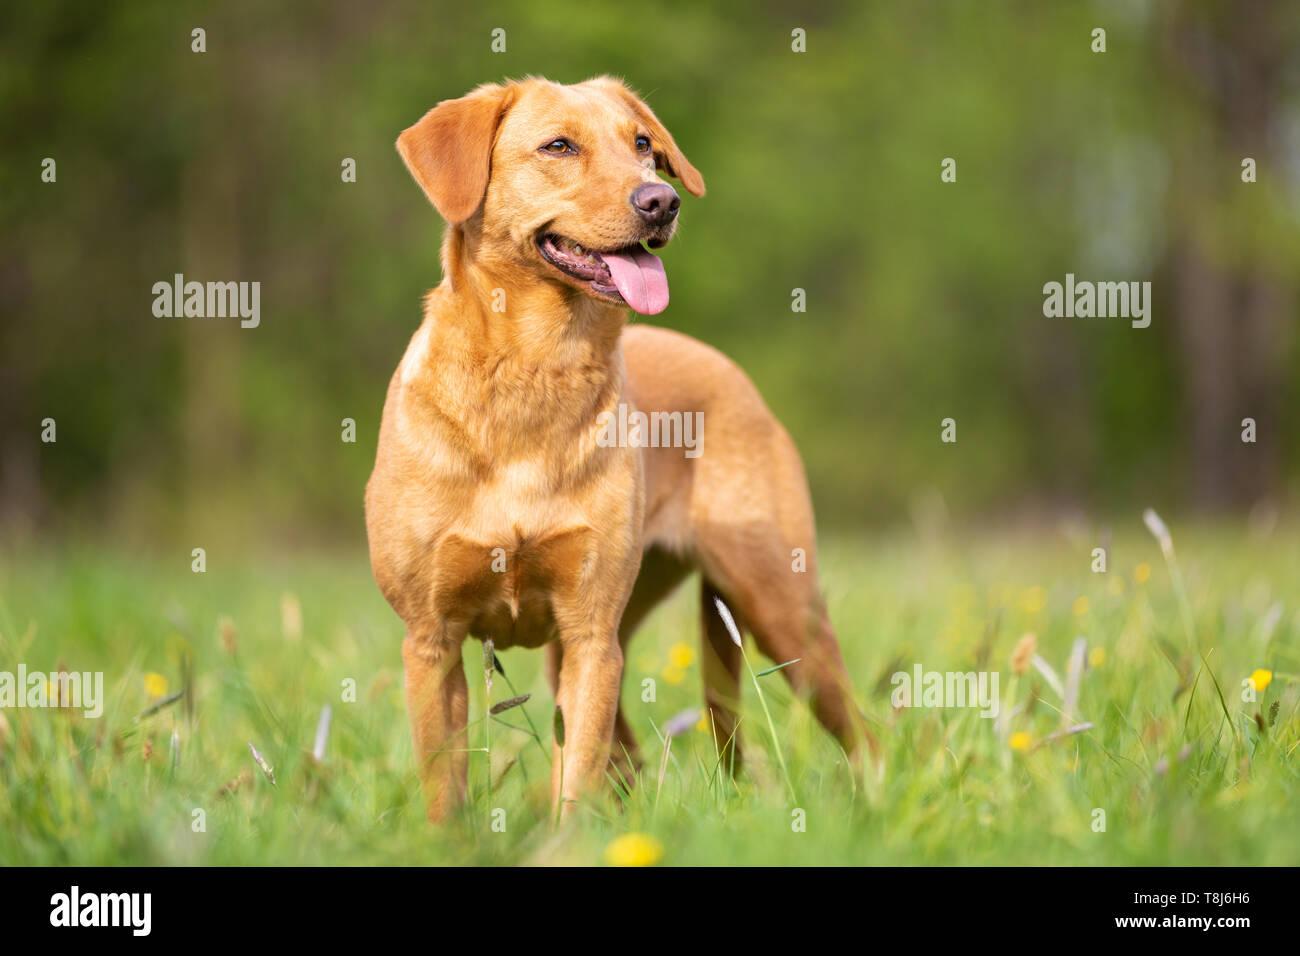 A bright Labrador Retriever with a working line. - Stock Image